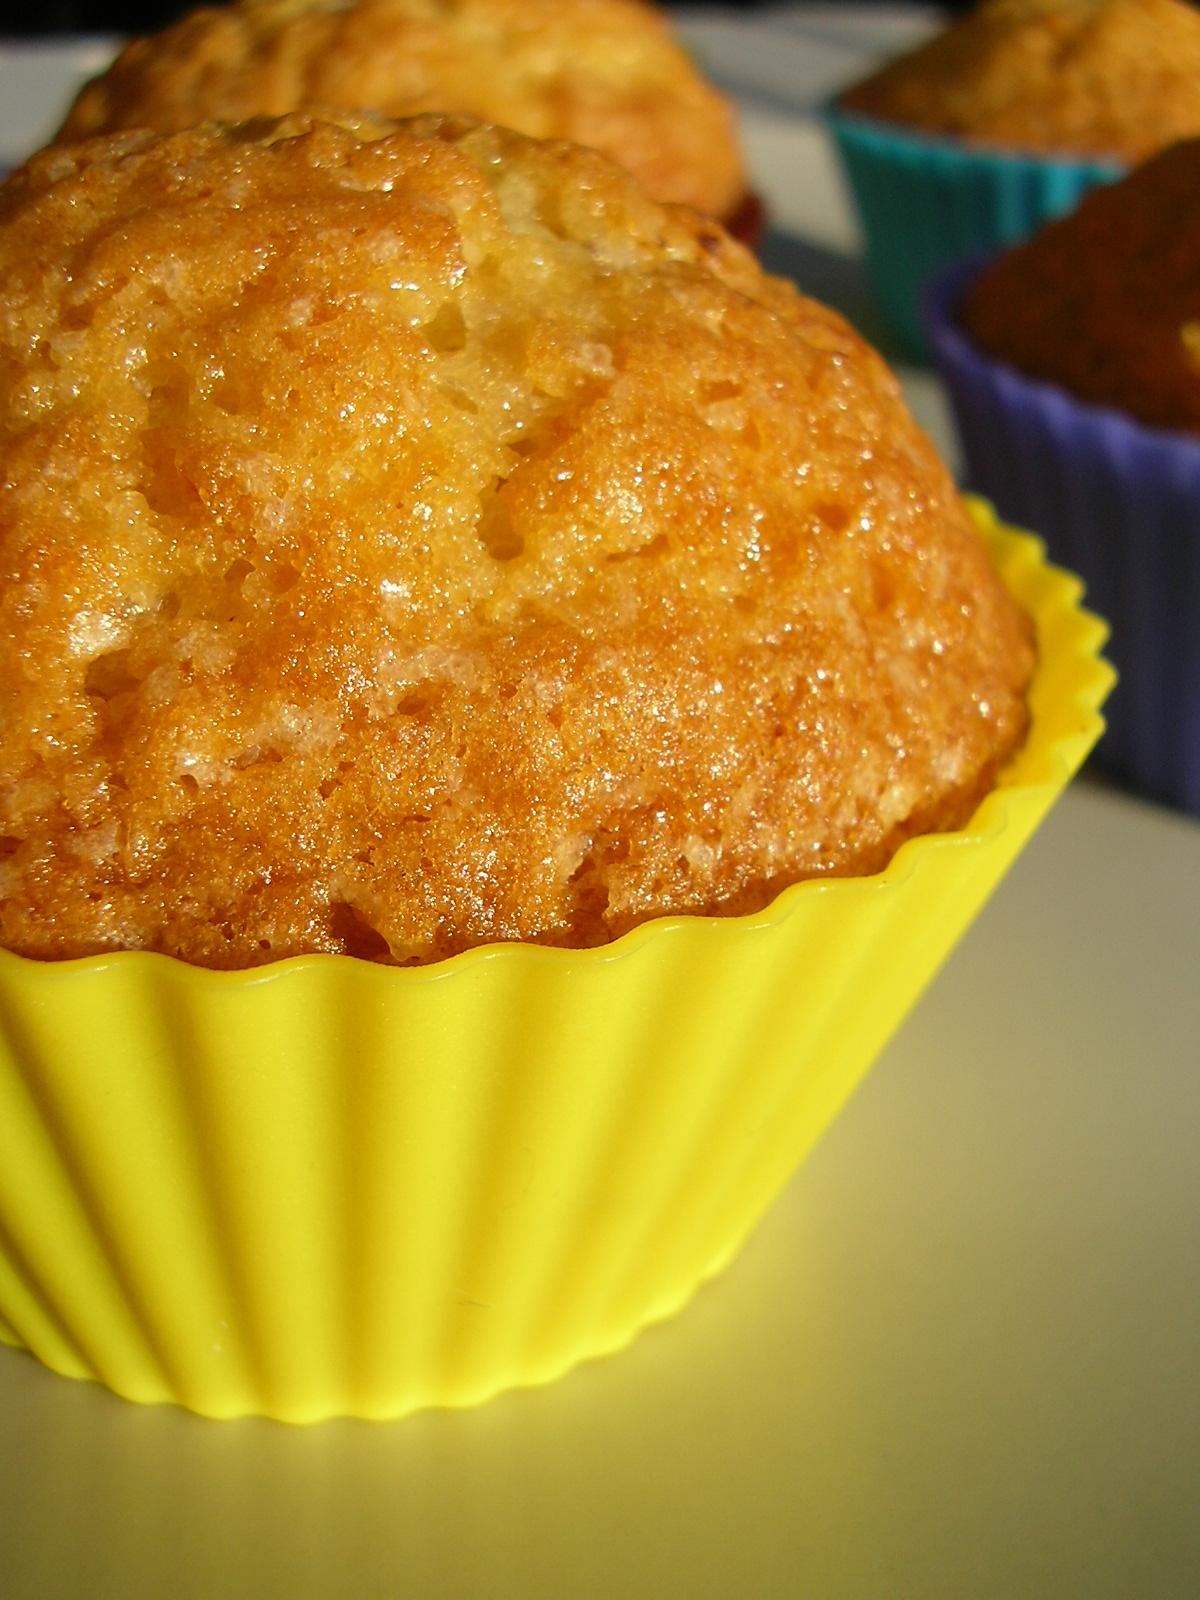 Kuchnia Szeroko Otwarta Ciasto Na Muffiny I Nieskonczona Ilosc Wariacji